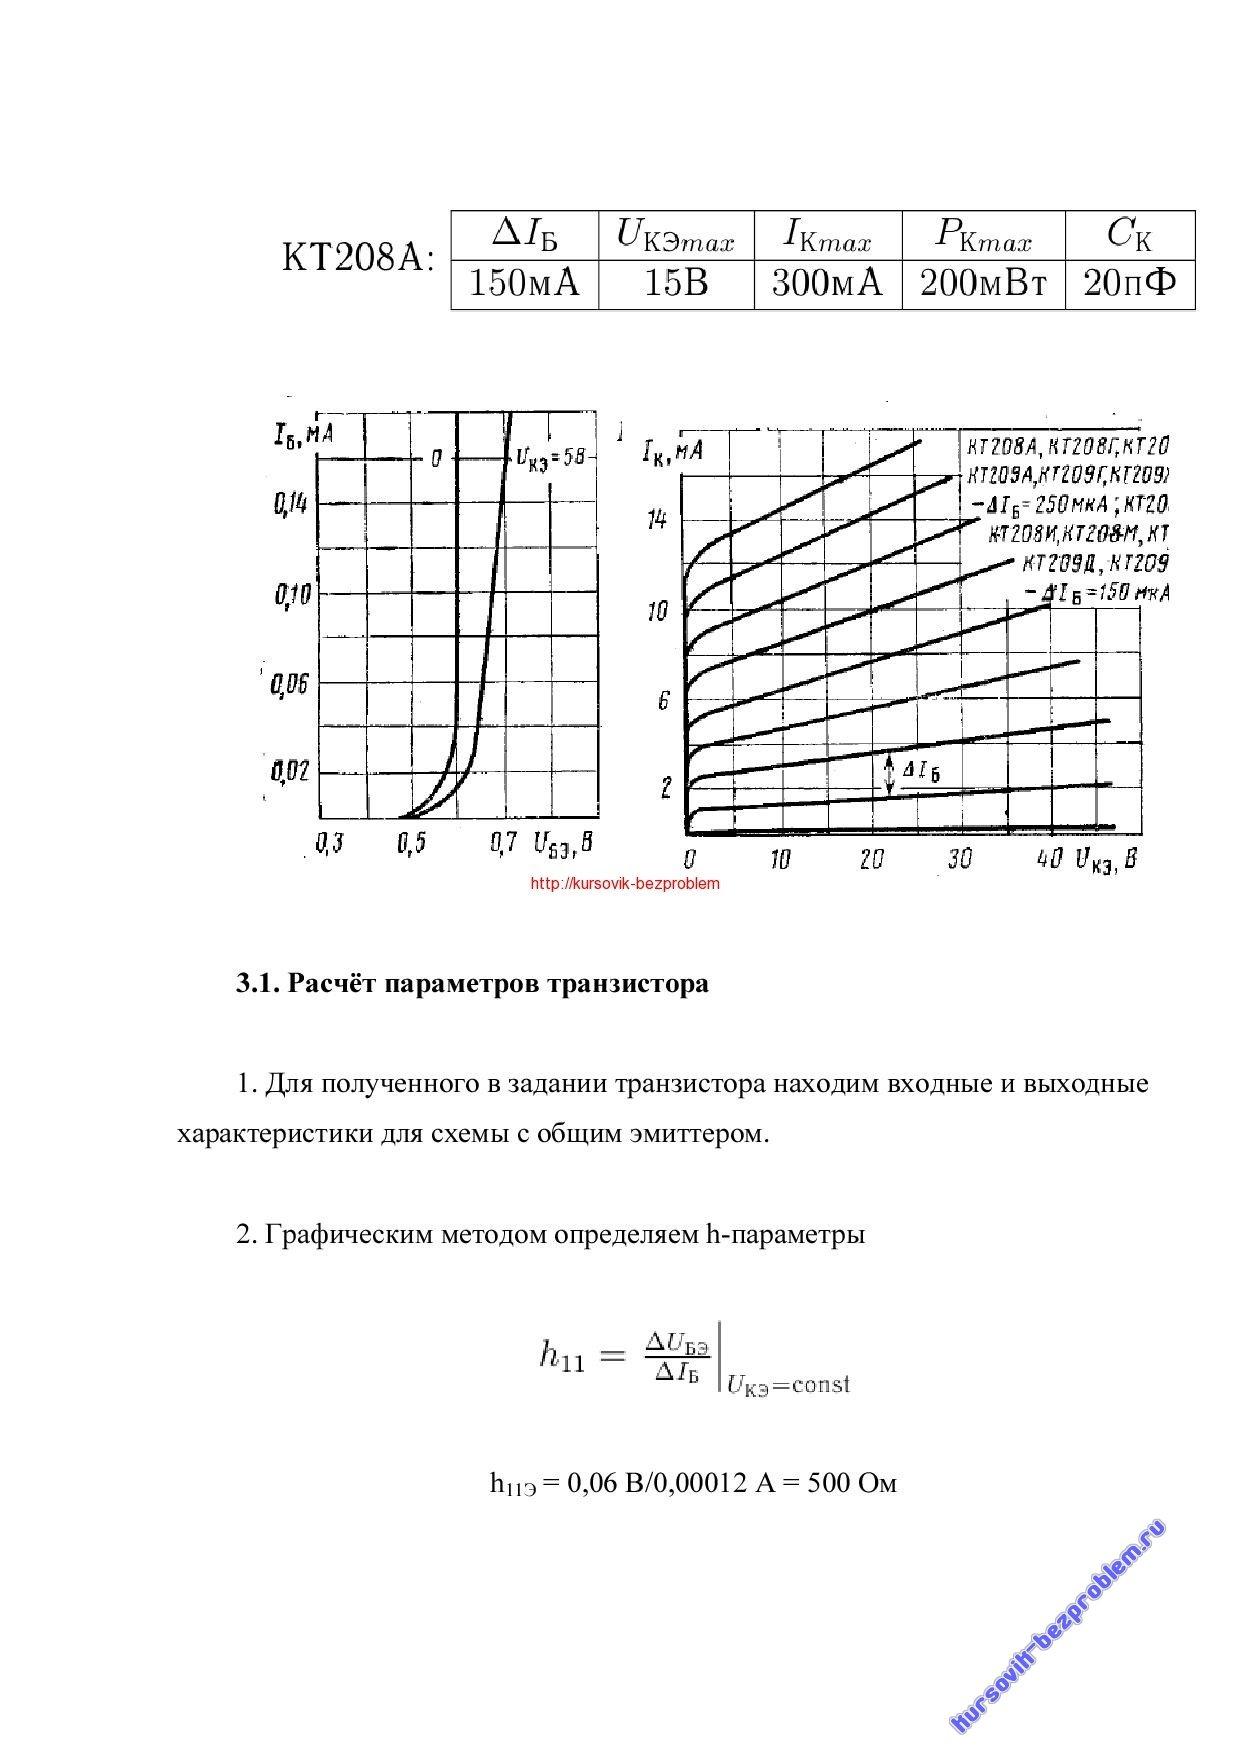 Курсовая Усилительный каскад с общим эмиттером по методичке М С  Для полученного в задании транзистора найти входные и выход ные характеристики для схемы с общим эмиттером Для этого можно воспользоваться прилагаемыми к